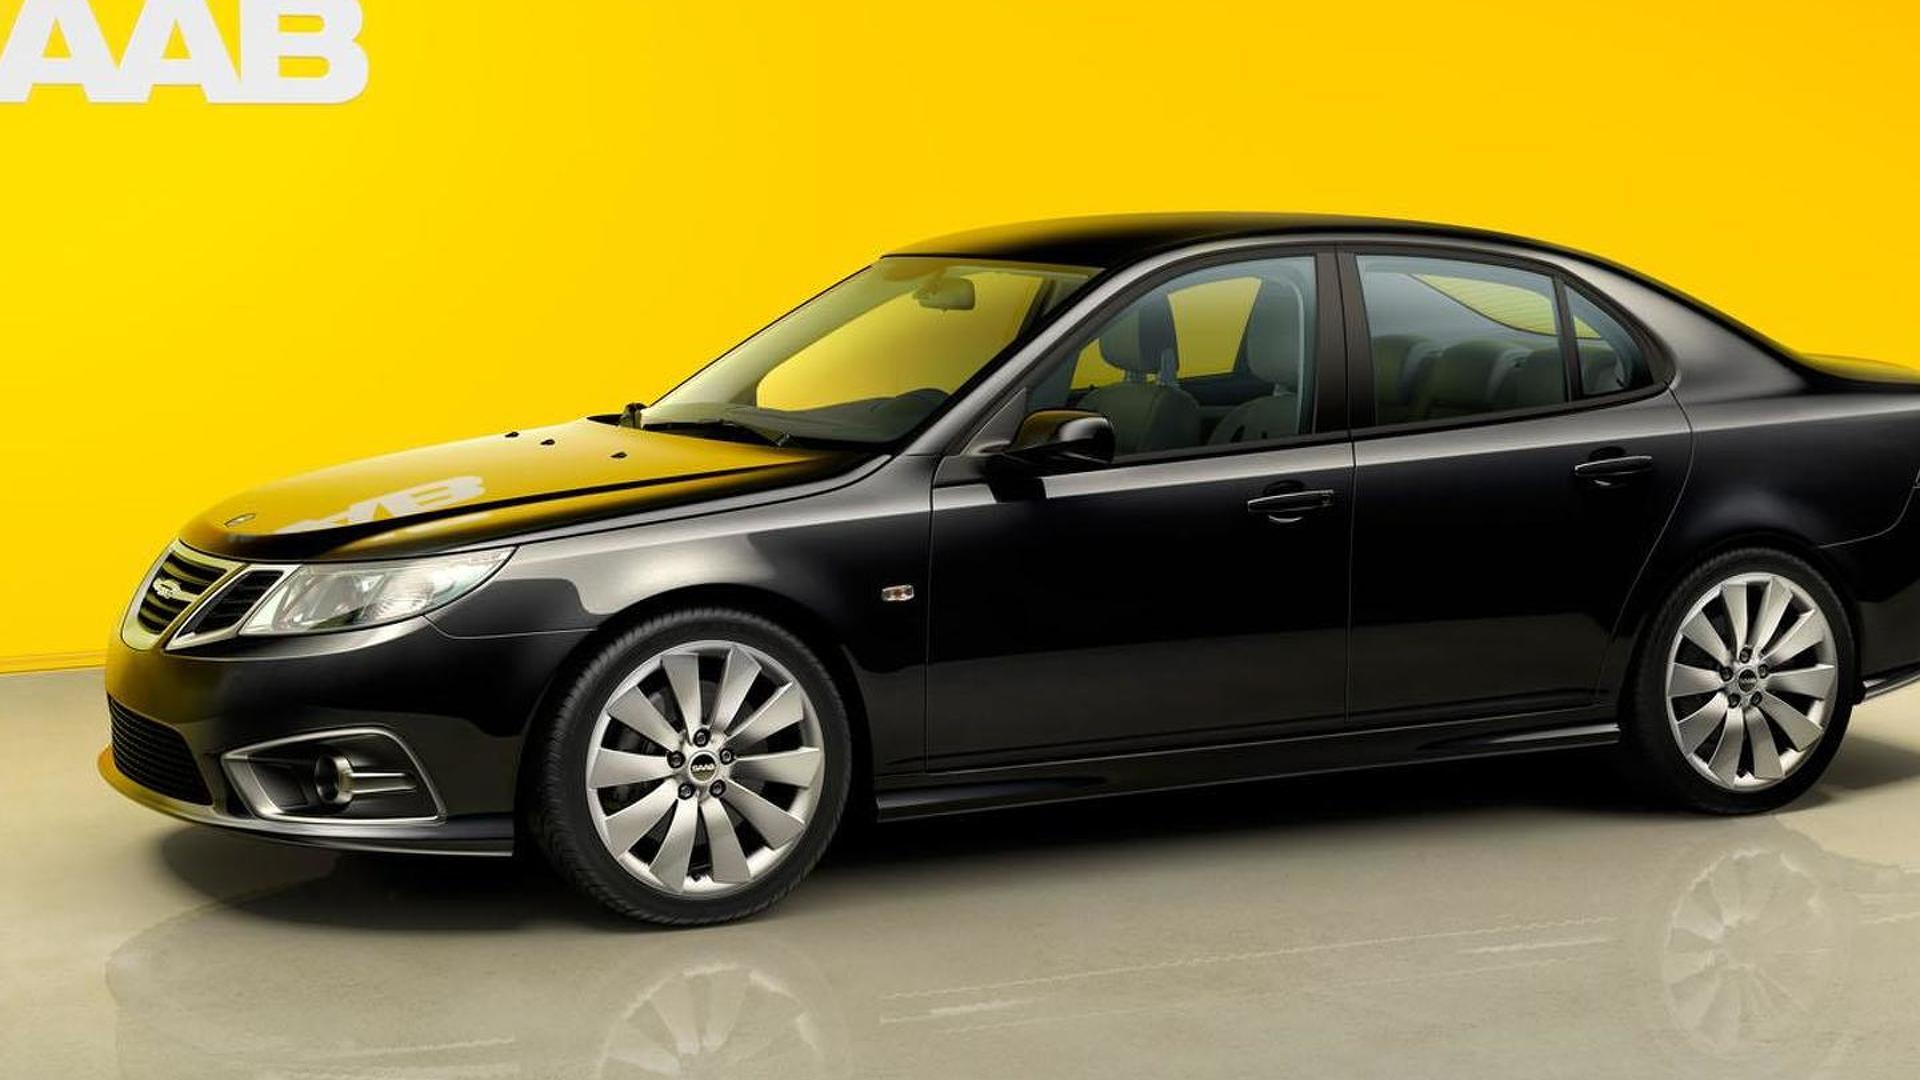 Saab halts production due to cash flow problems, announces two pending partnerships